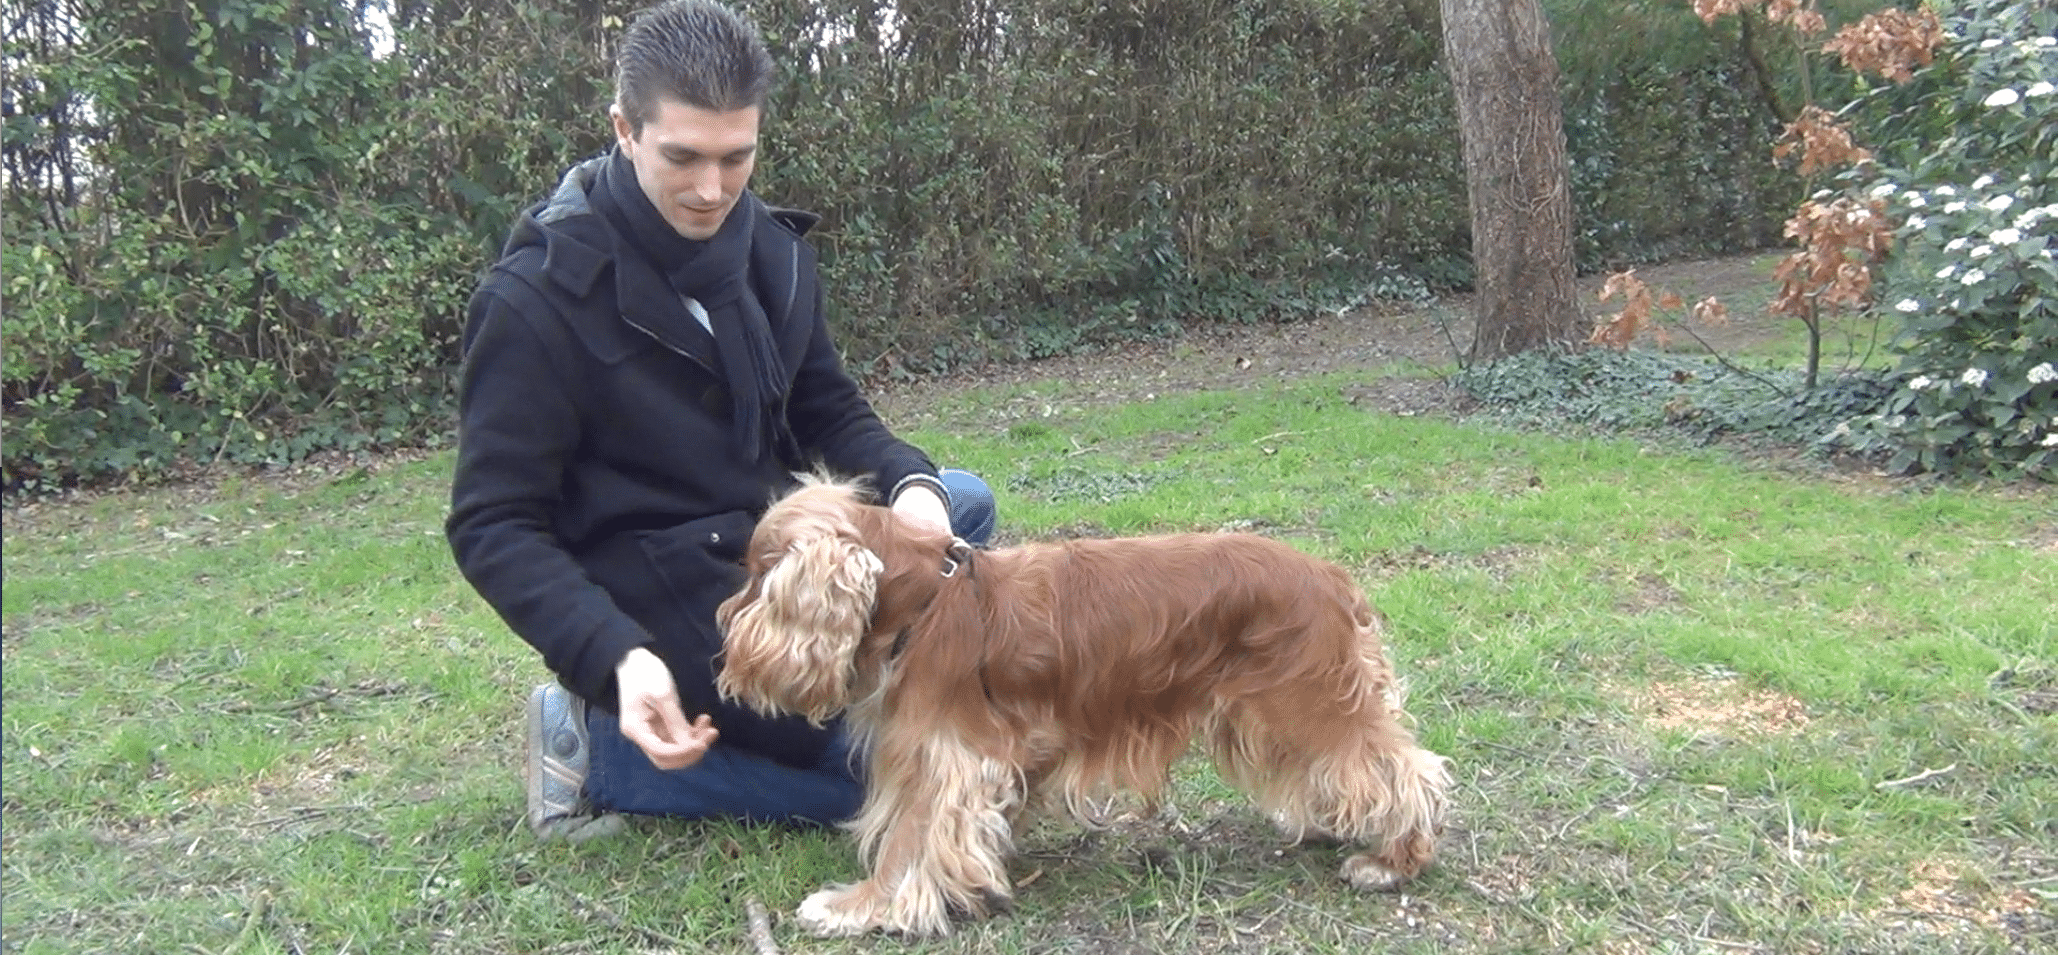 """[Vidéo] Comment apprendre l'ordre """"debout"""" à son chien ?"""